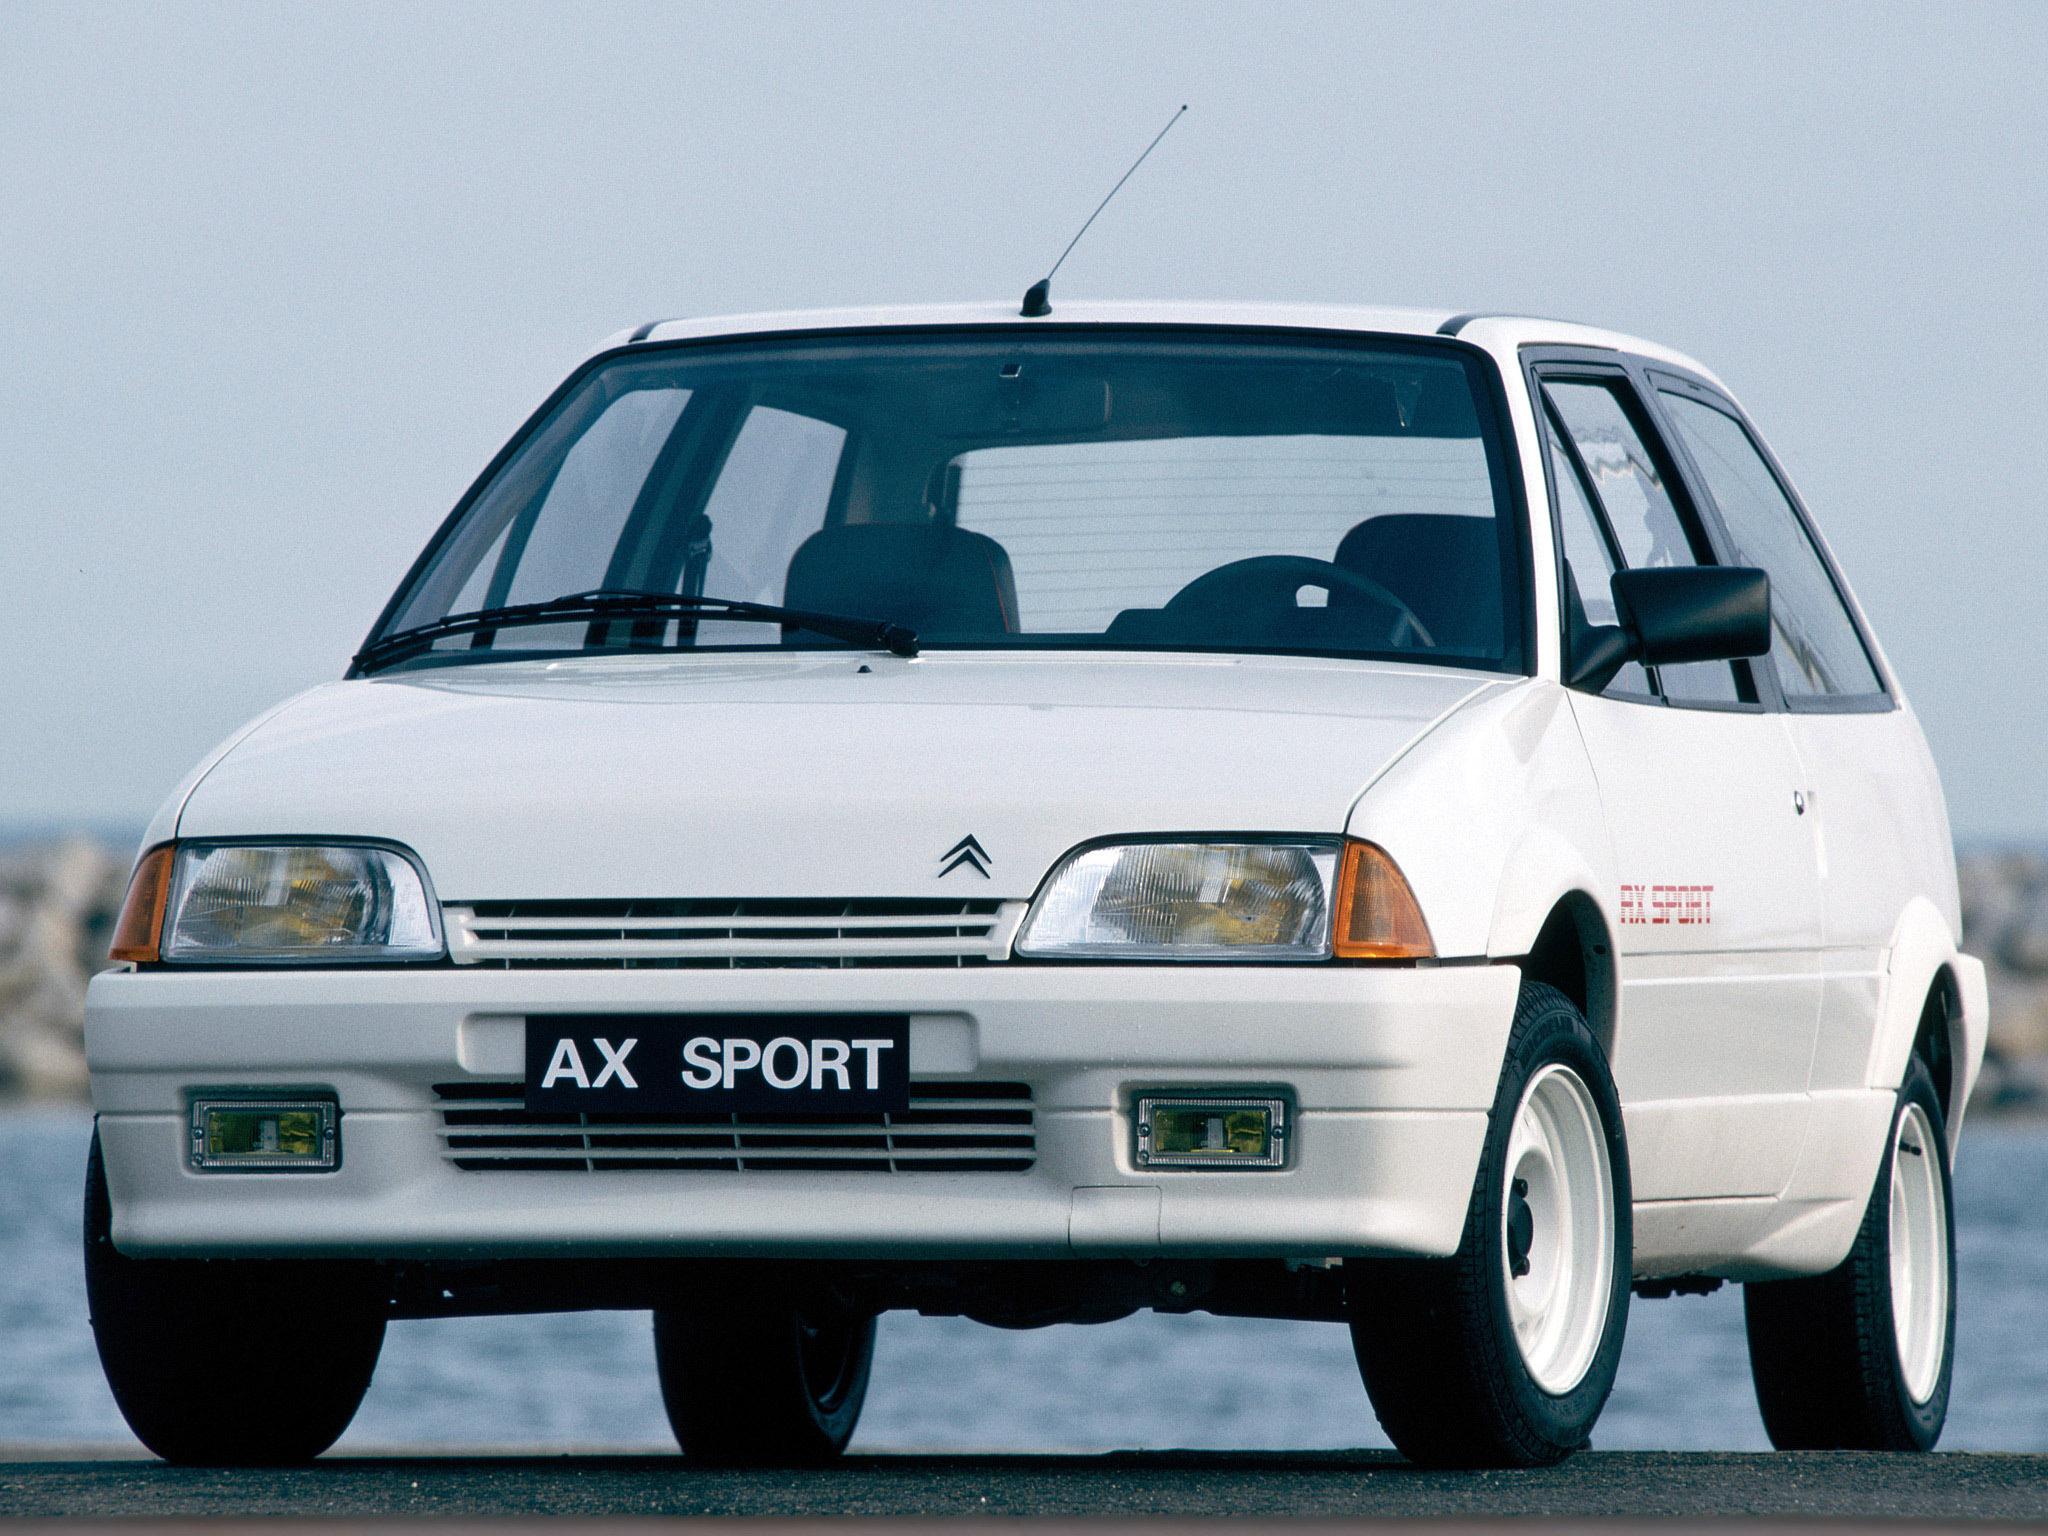 65f85dd7ebfc4 citroen ax-sport-1986-91 r10